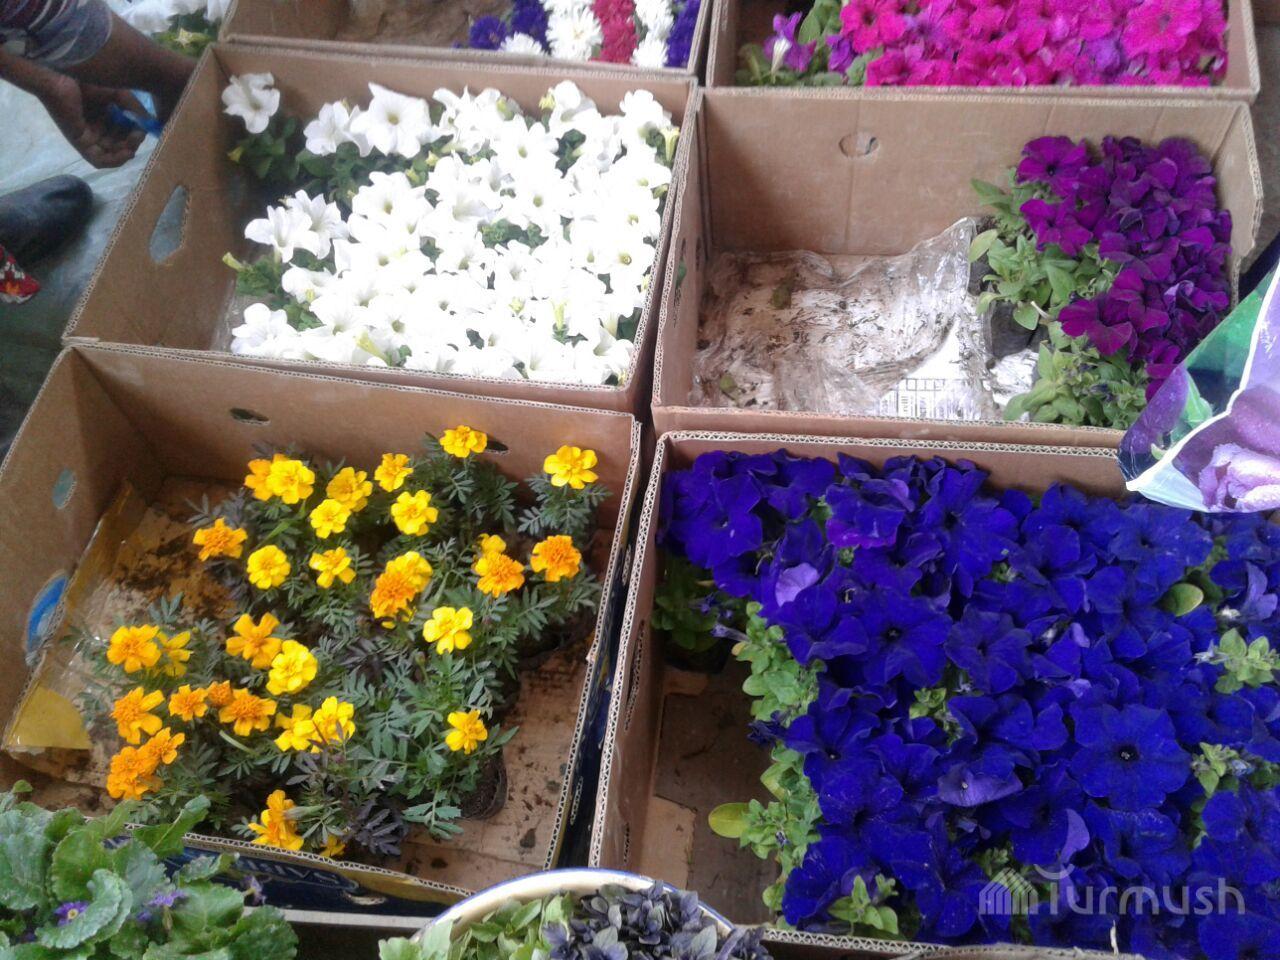 Рассада цветов - способы посева, выращивание, пошаговые инструкции 92